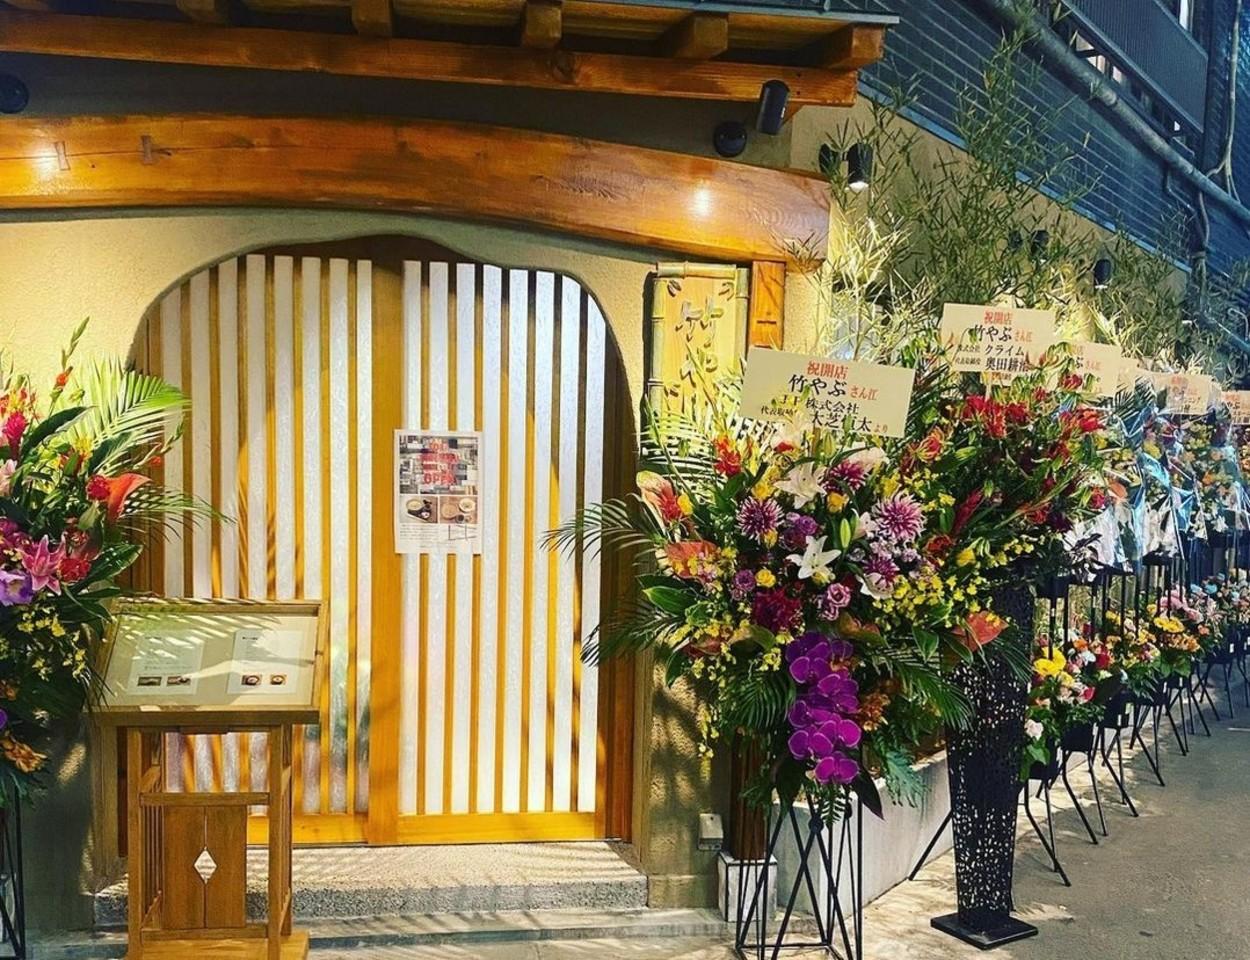 大阪市福島区福島7丁目に蕎麦屋「蕎麦切り 竹やぶ」が明日オープンのようです。